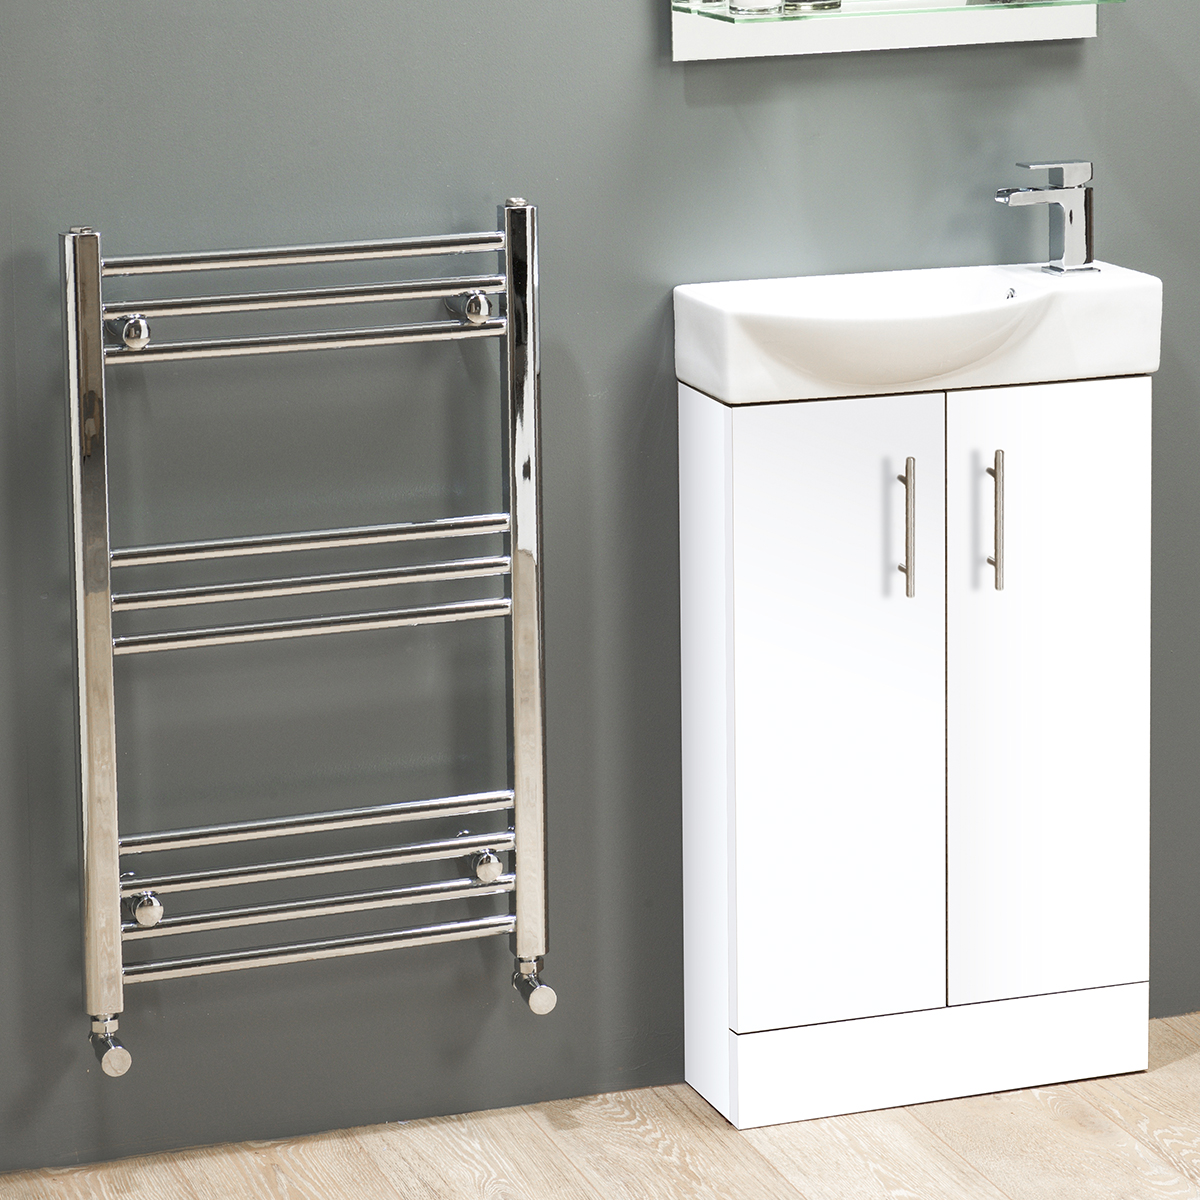 slimline 500 modern compact vanity curved basin sink unit. Black Bedroom Furniture Sets. Home Design Ideas